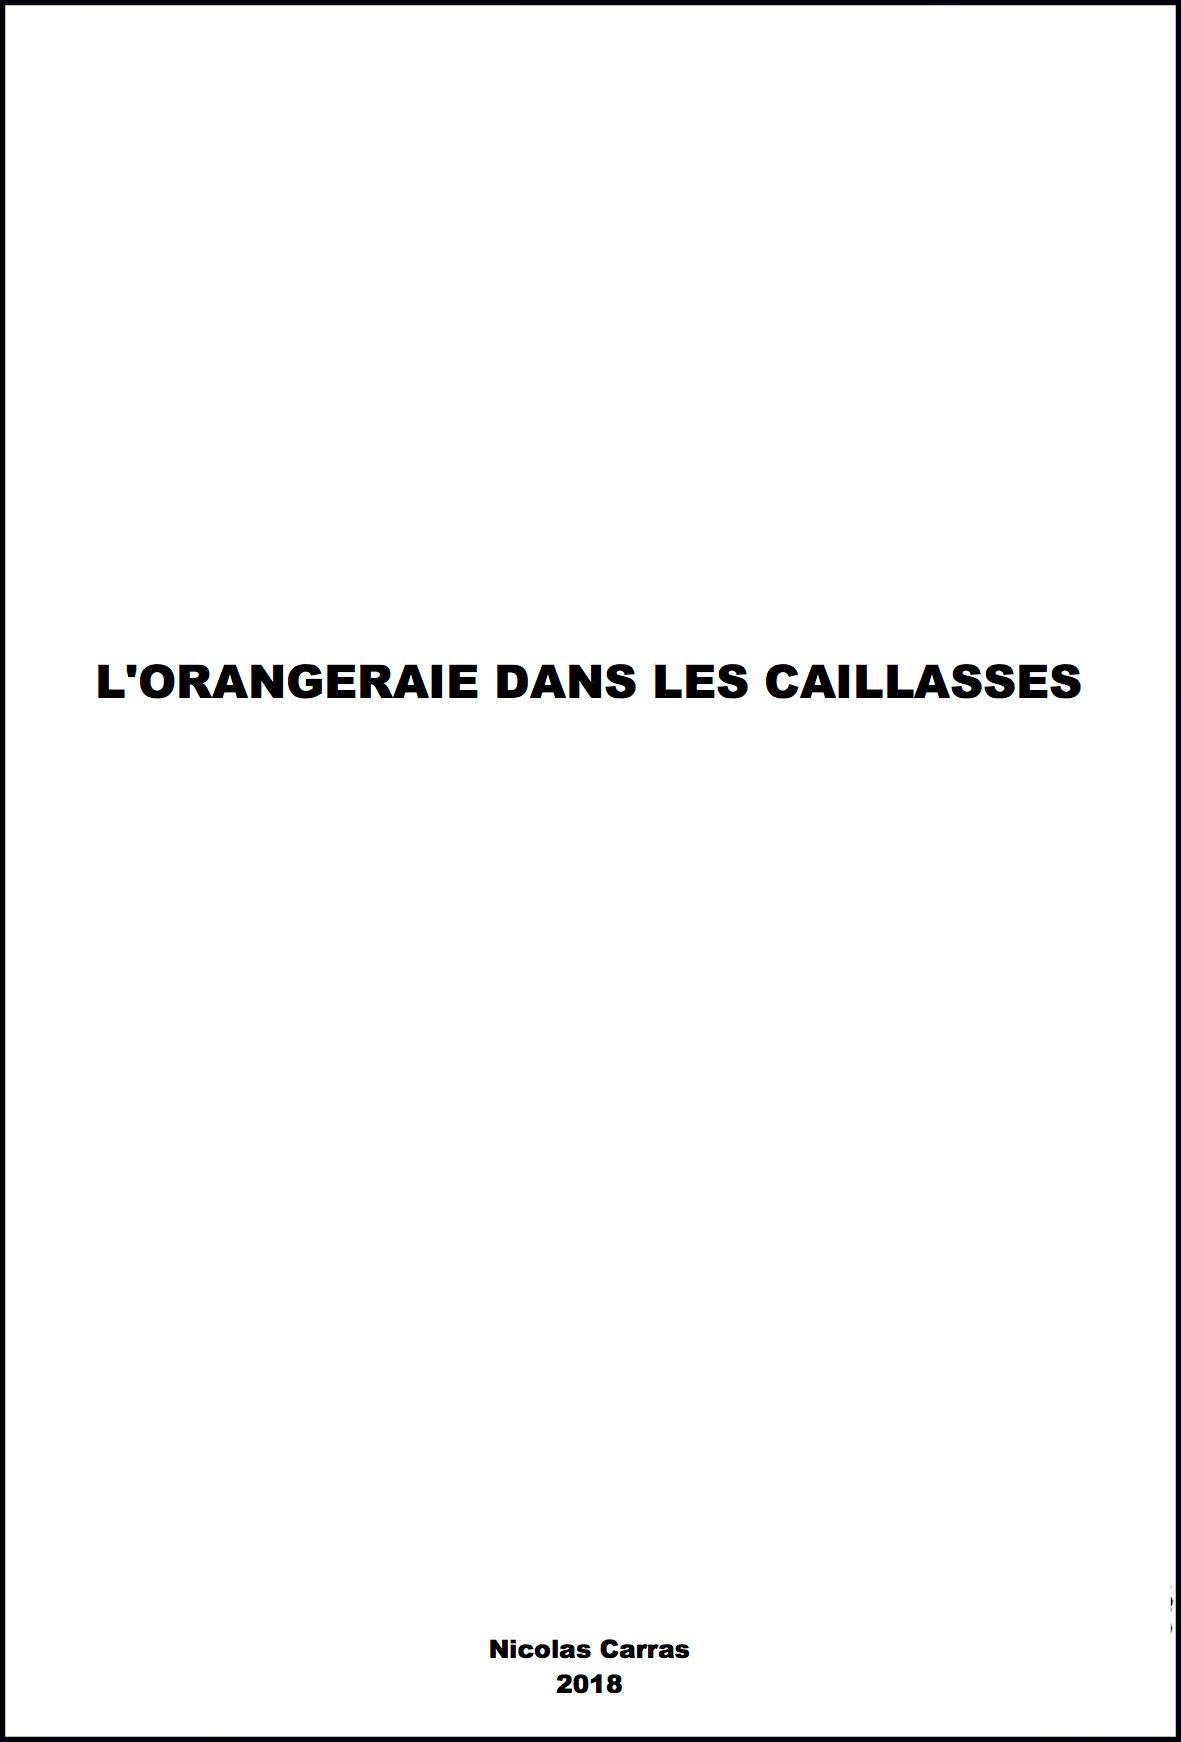 © Nicolas Carras - L'ORANGERAIE DANS LES CAILLASSES